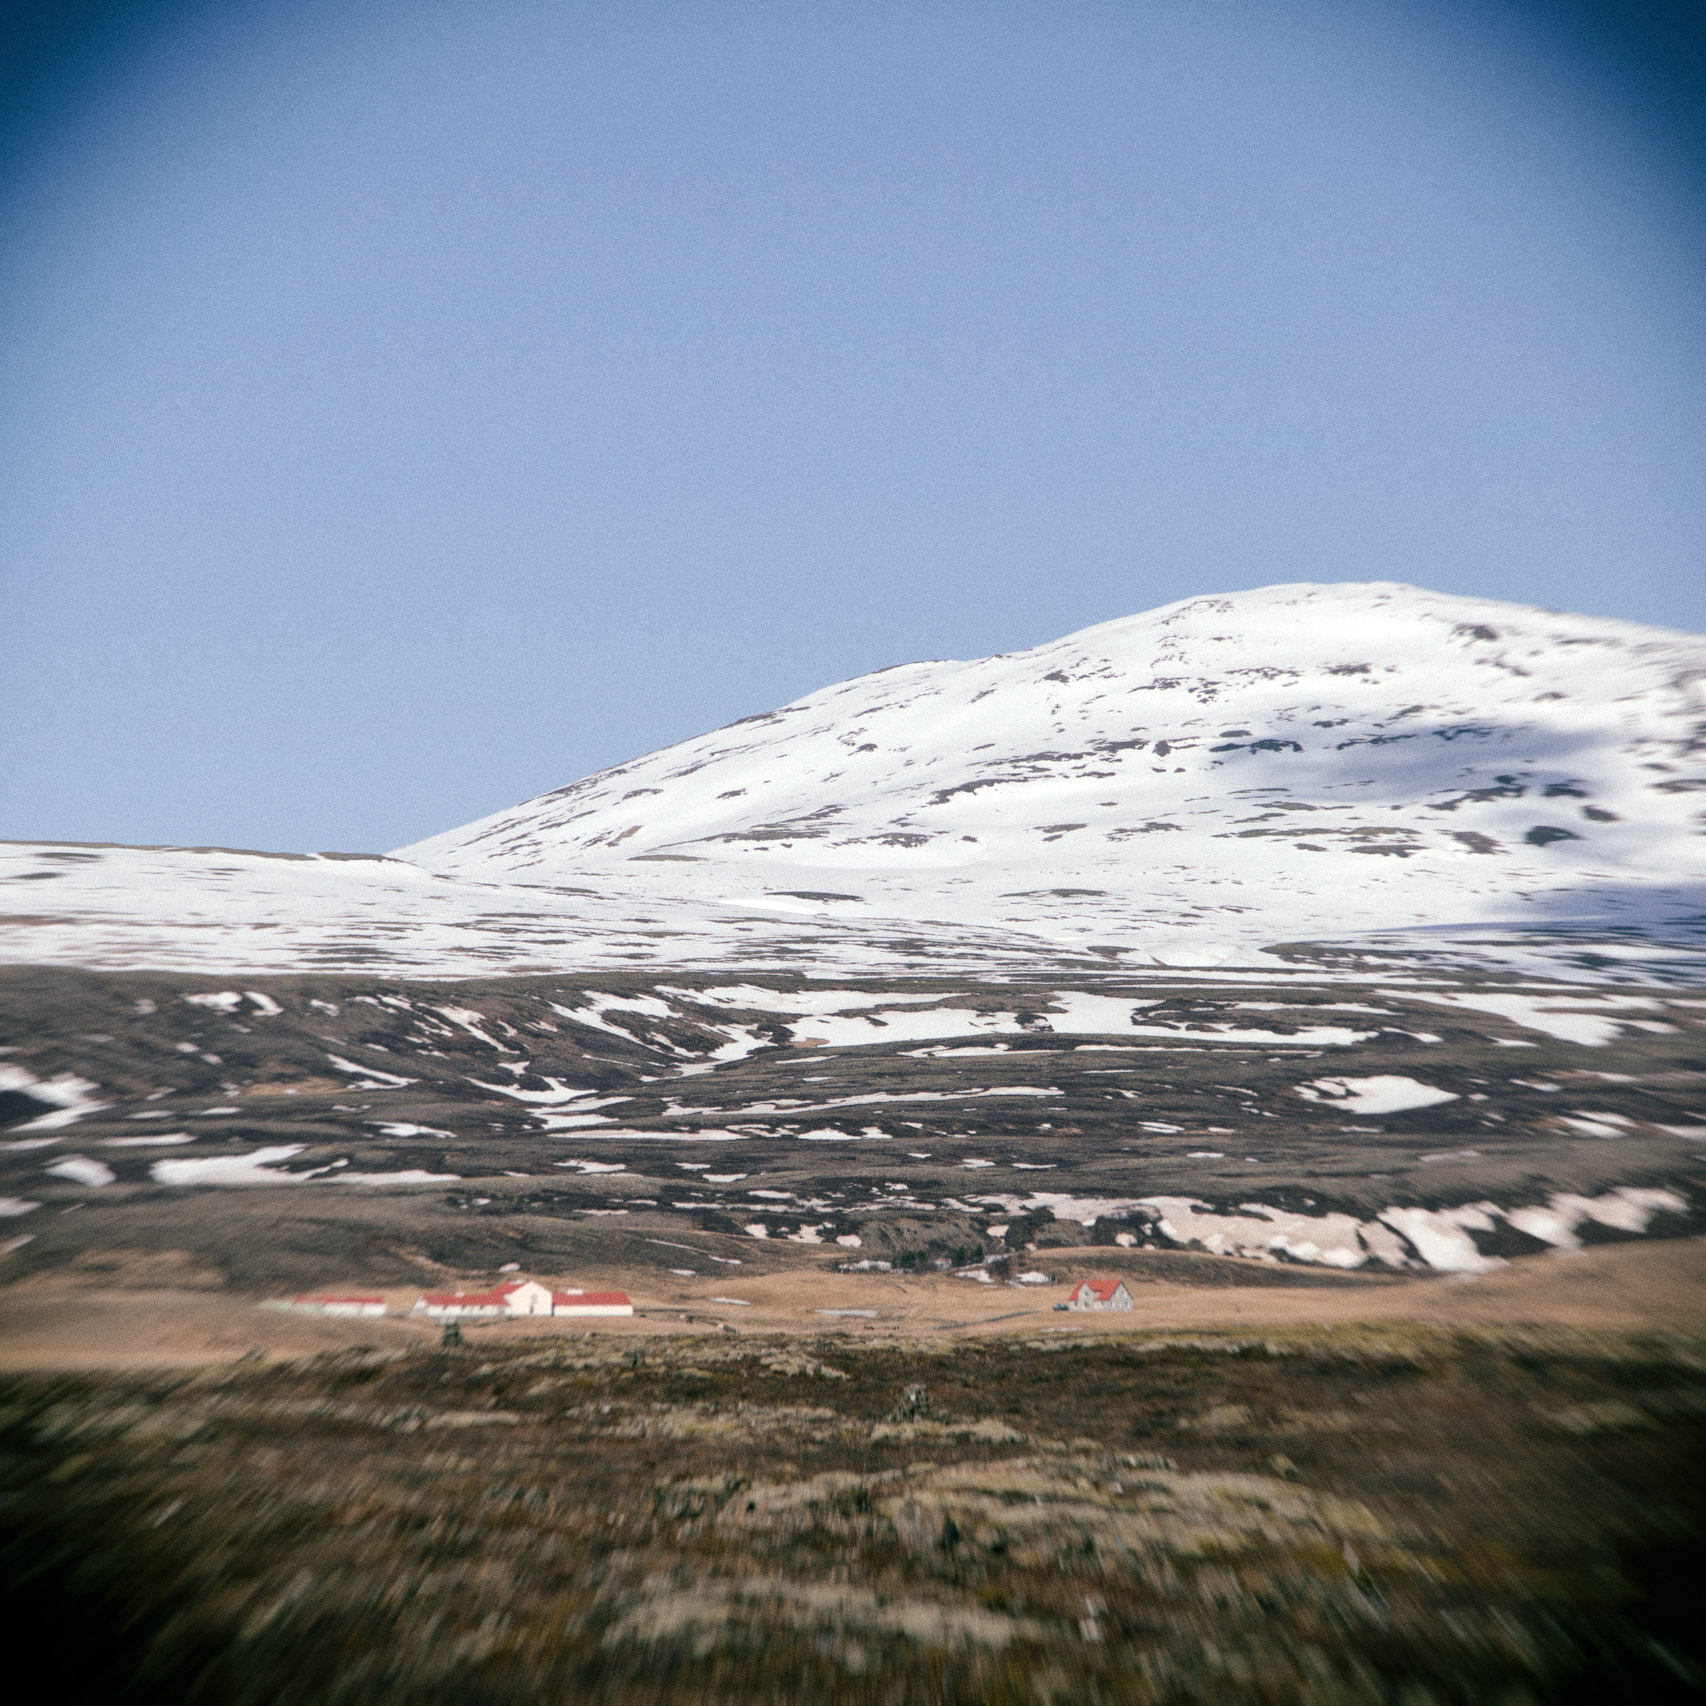 iceland landscapes-46.jpg